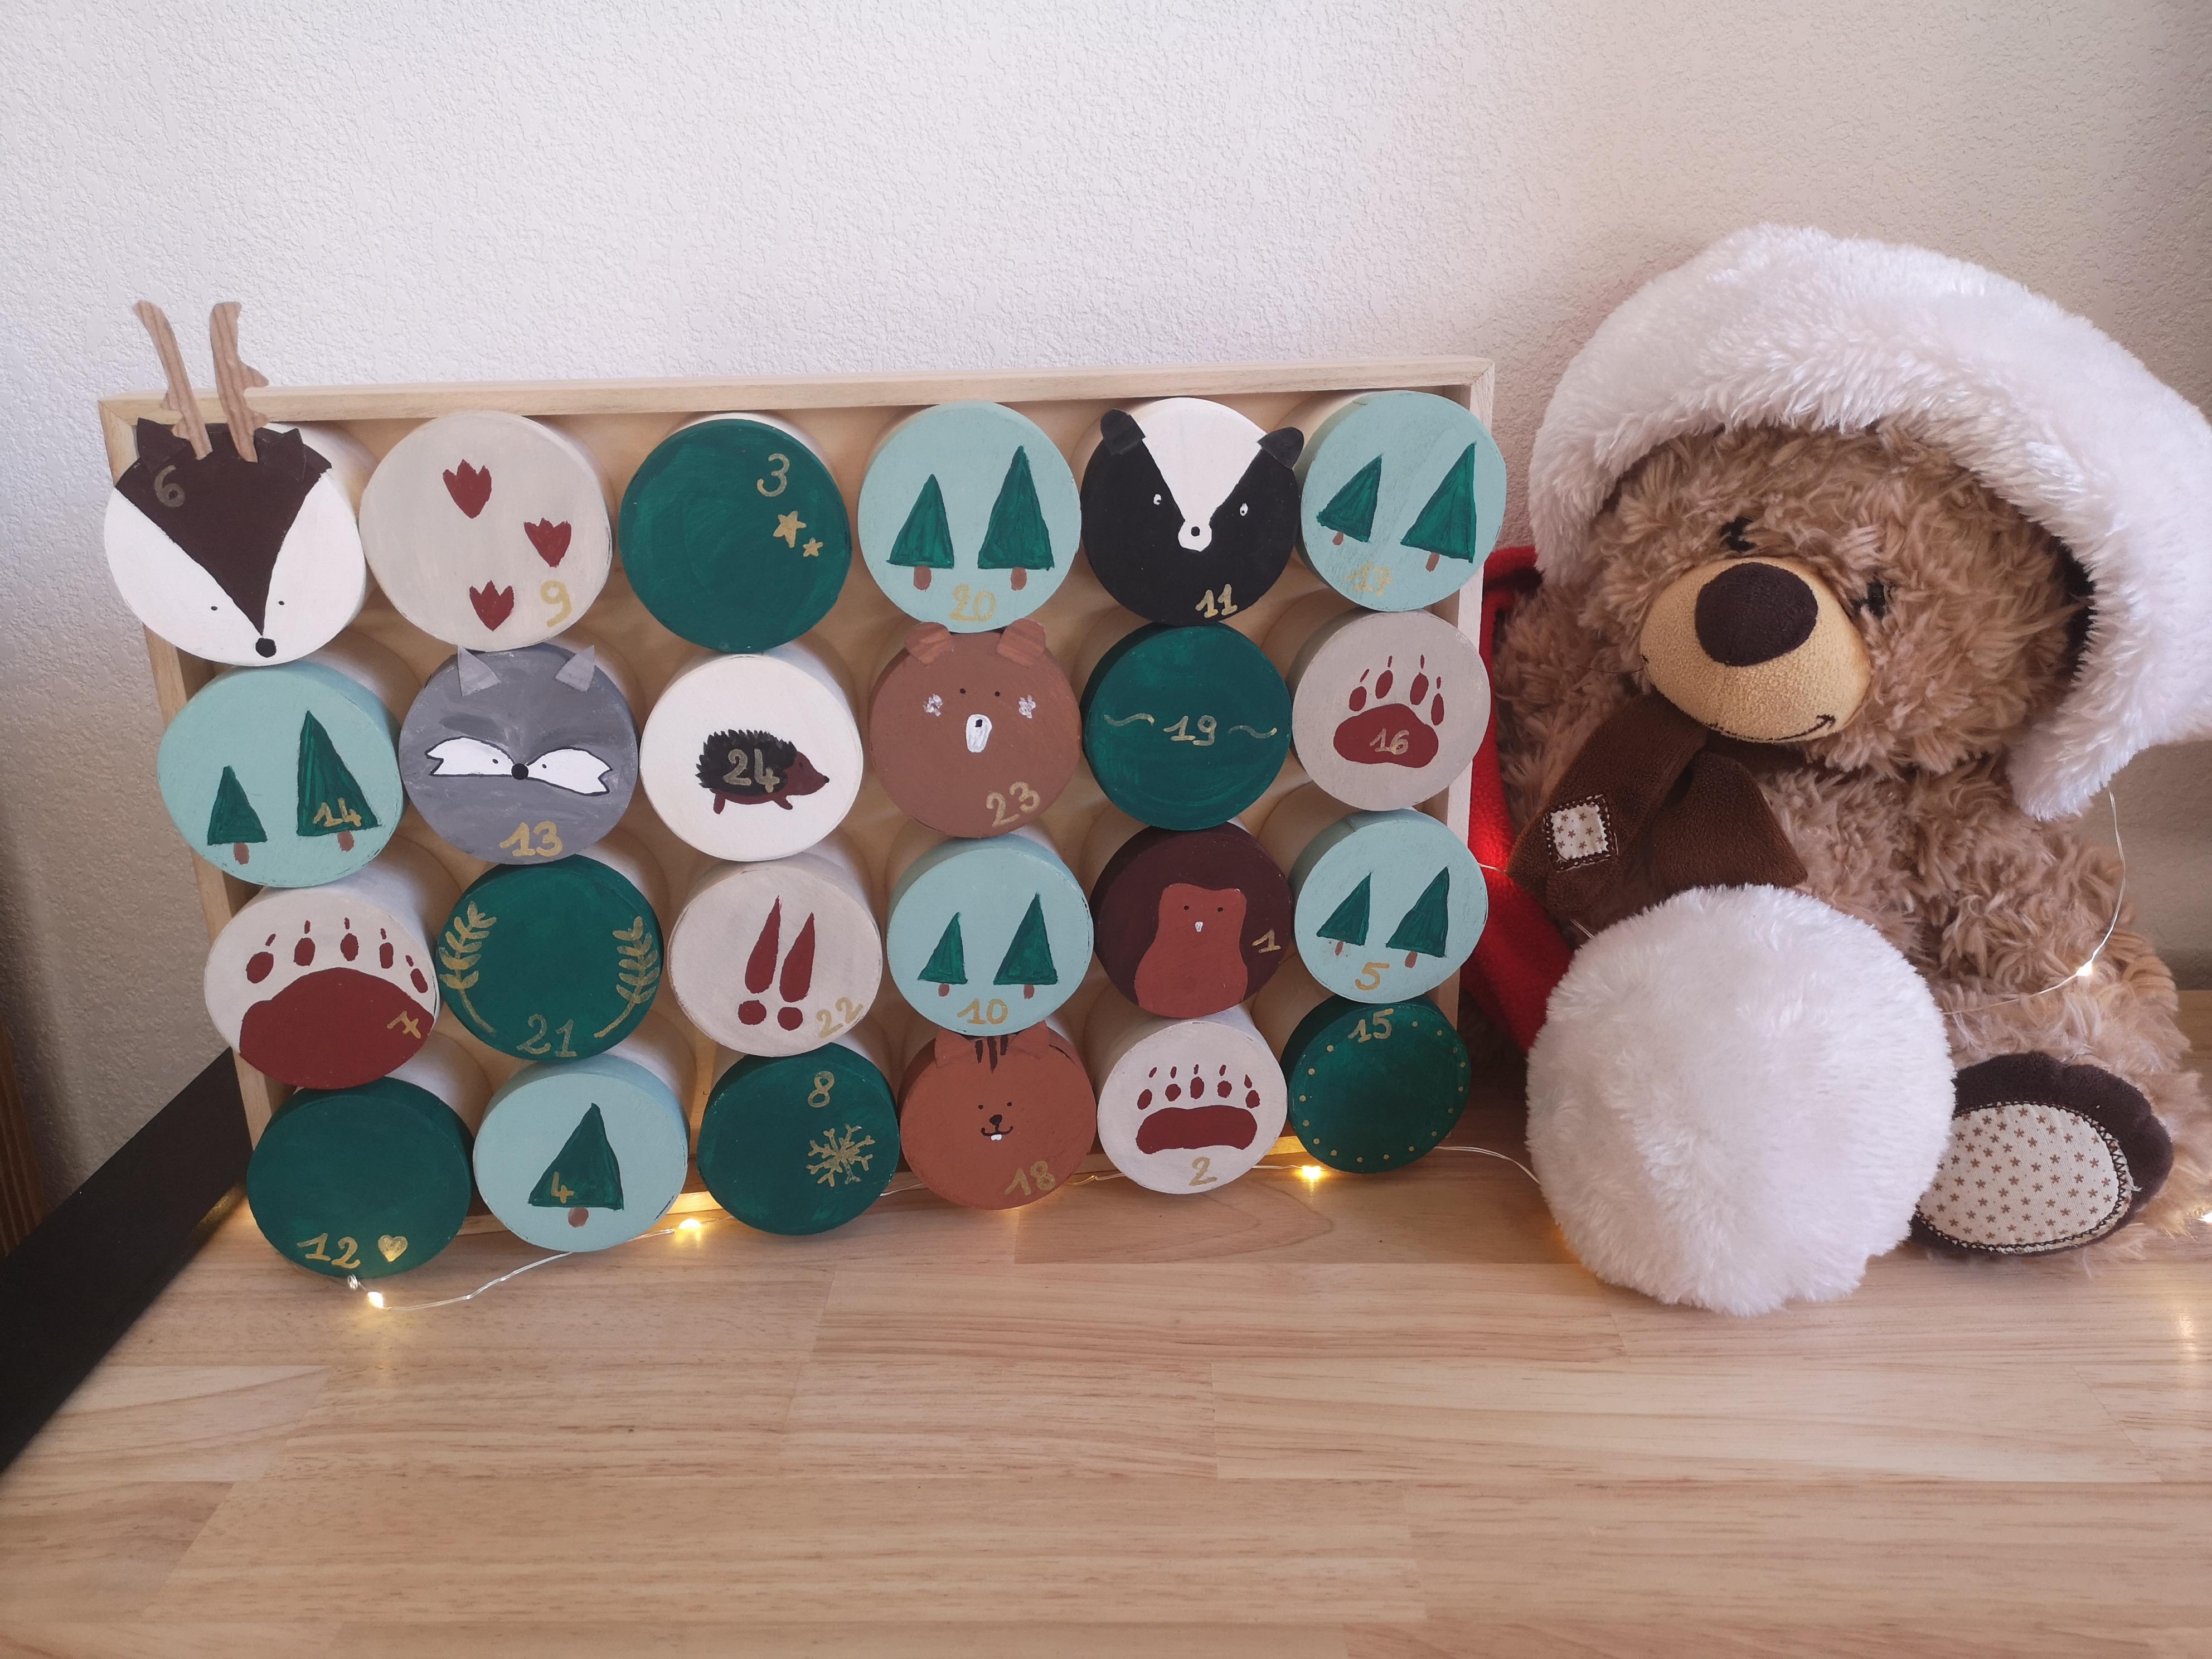 J'ai testé pour vous calendrier de l'avent 24 boîtes sur plateau bois